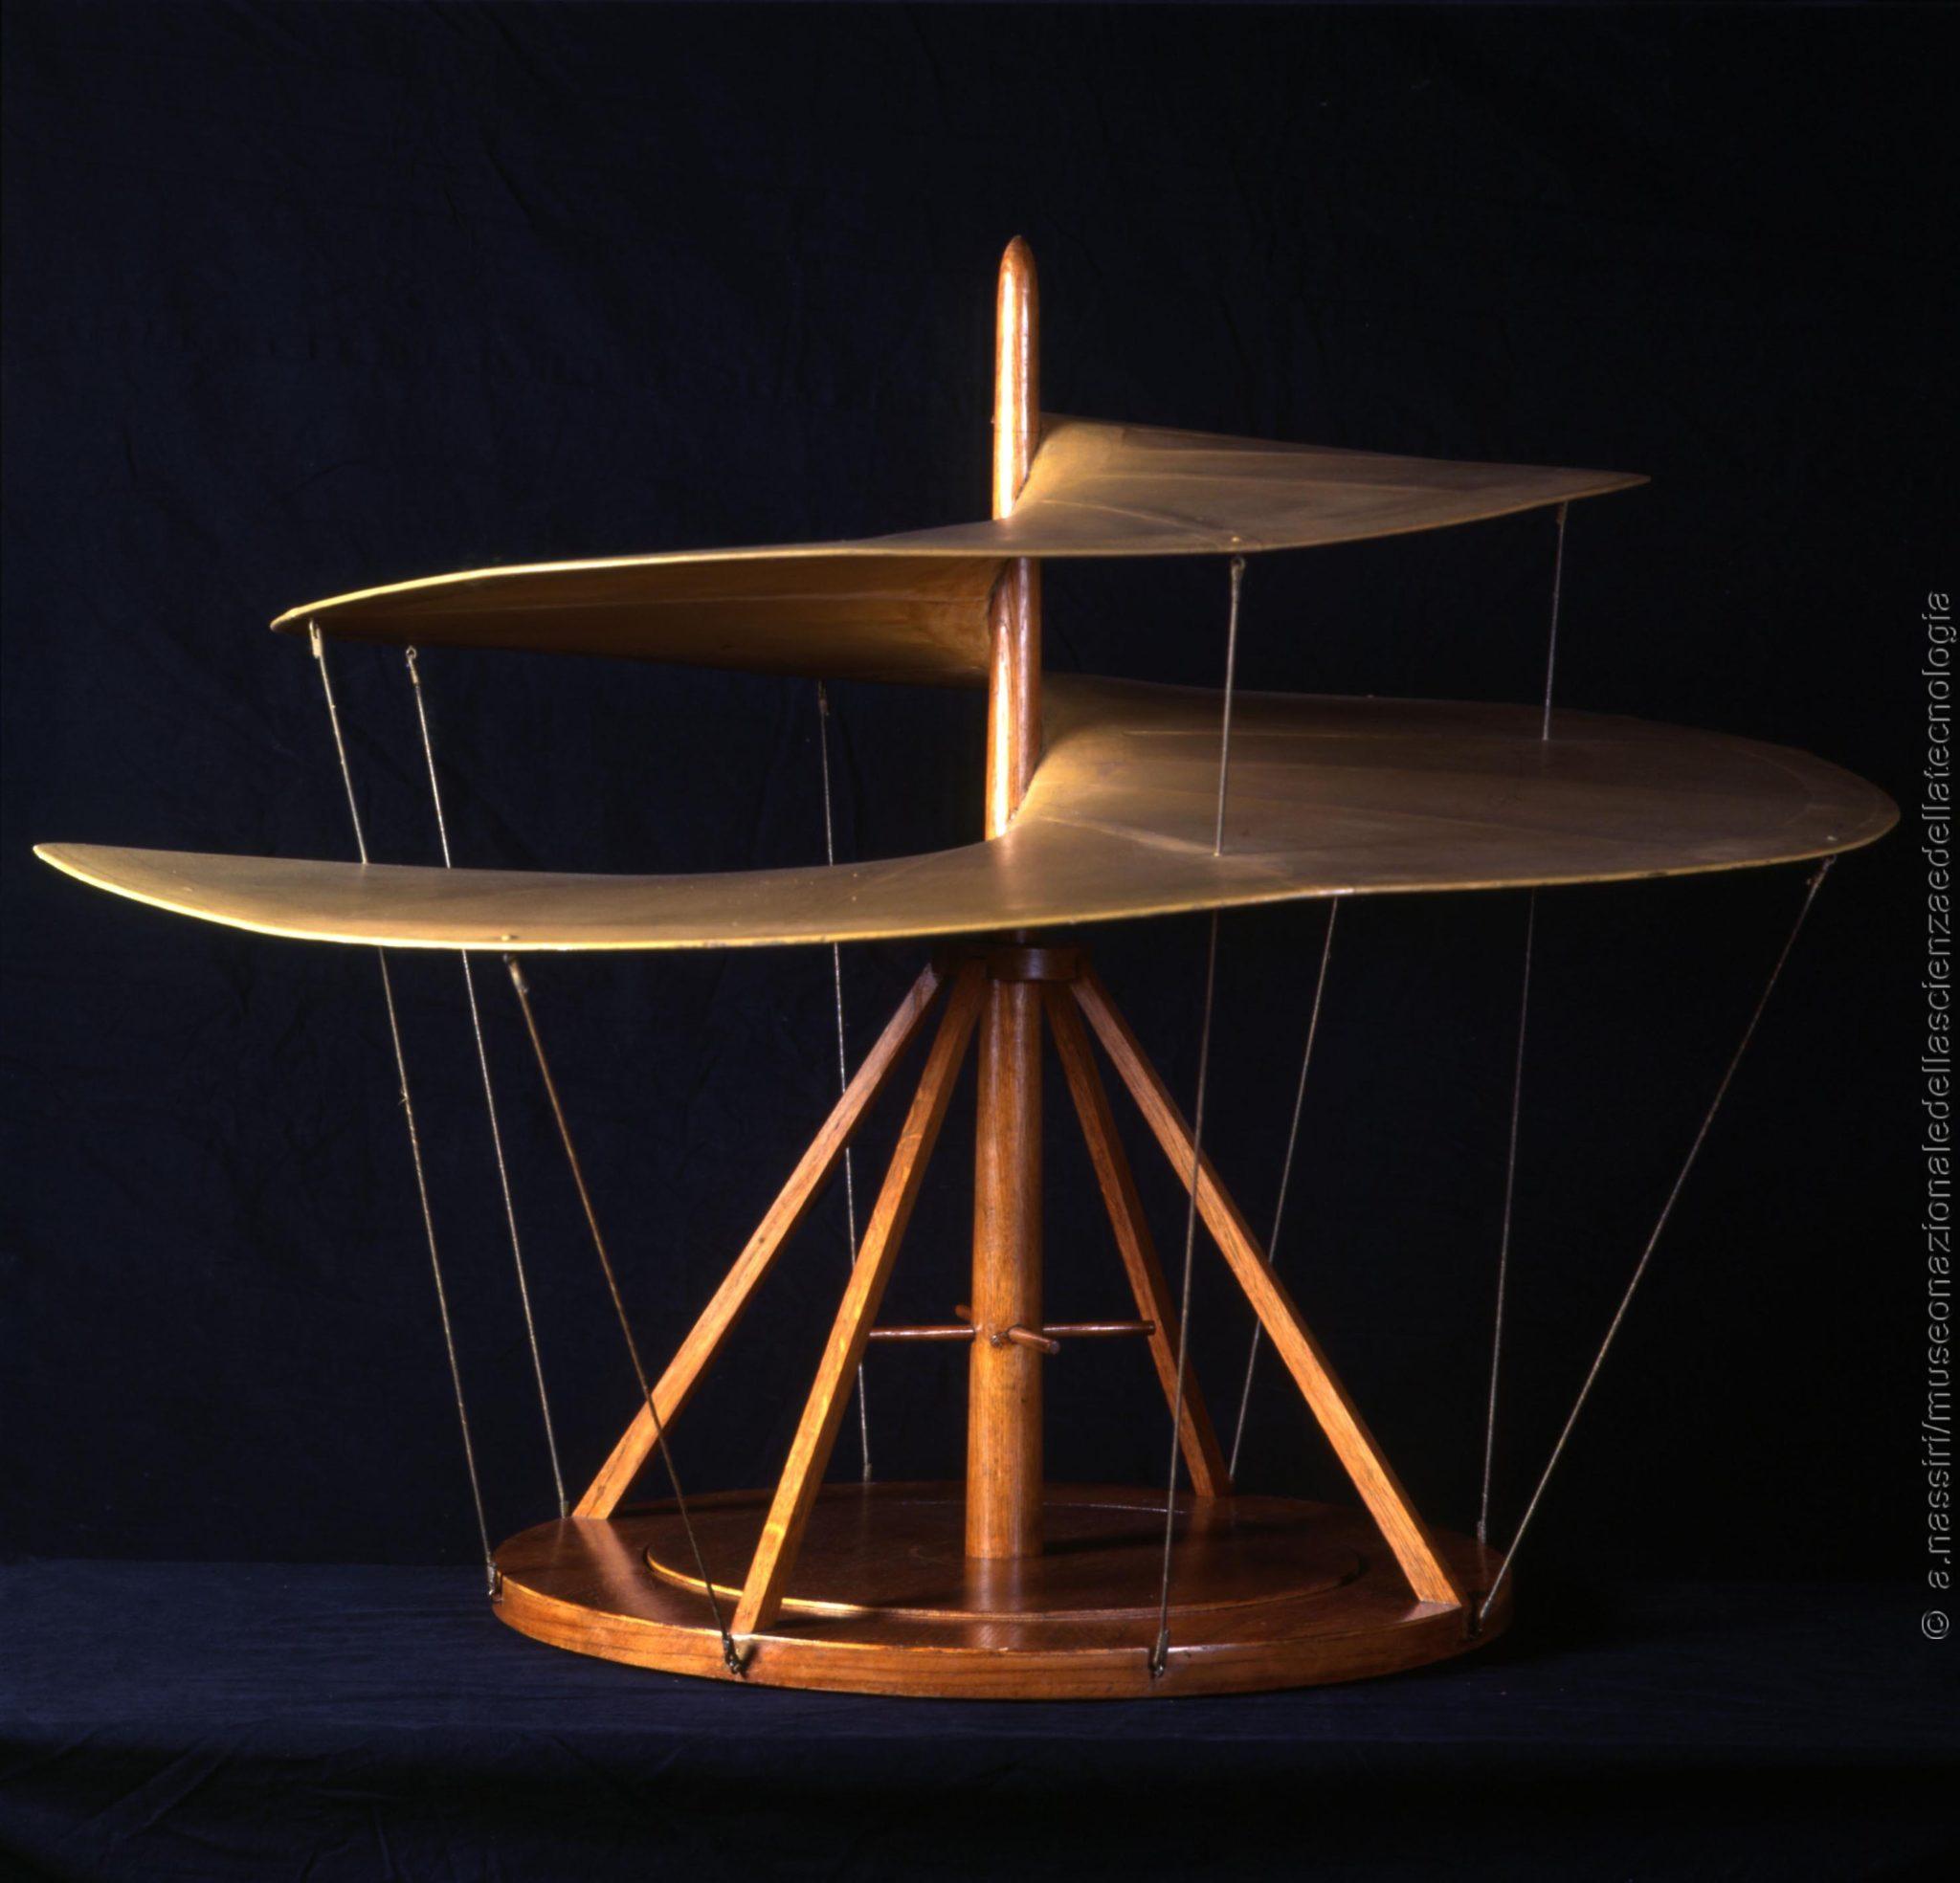 vite aerea_dipartimento_LeonardoArte&Scienza_Museo_Nazionale_Scienza_e_Tecnologia